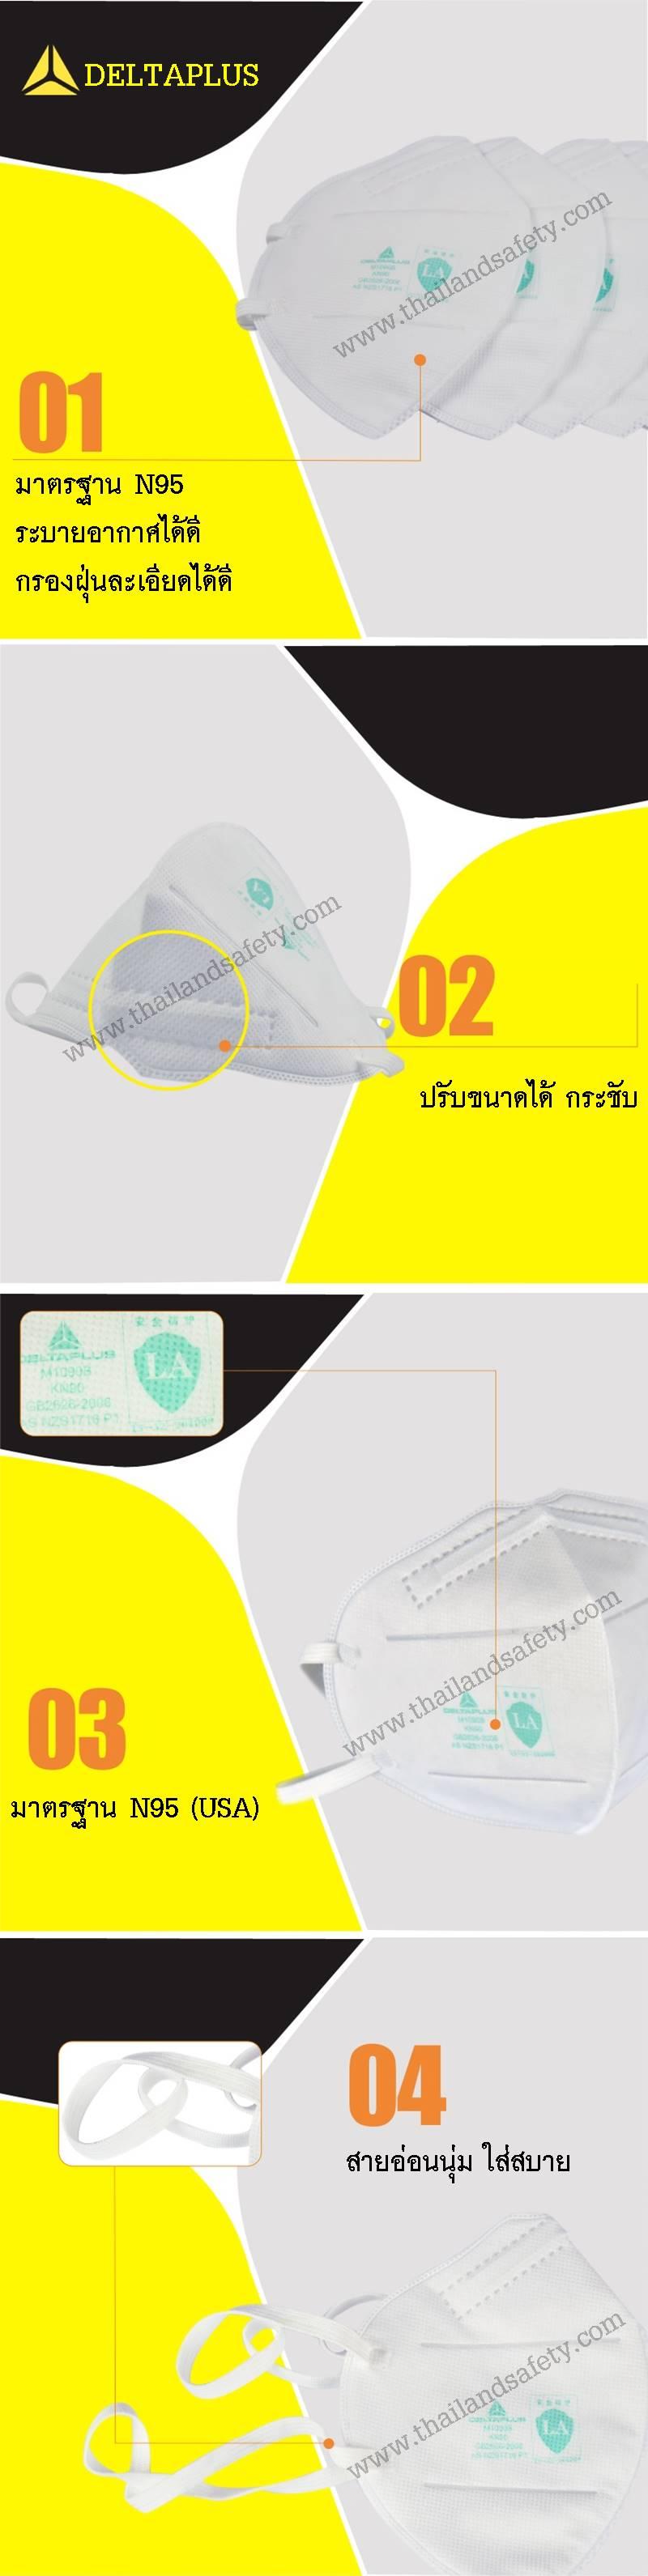 http://thailandsafety.com/wp-content/uploads/2016/06/M1195-deltaplus-deltaplus.jpg